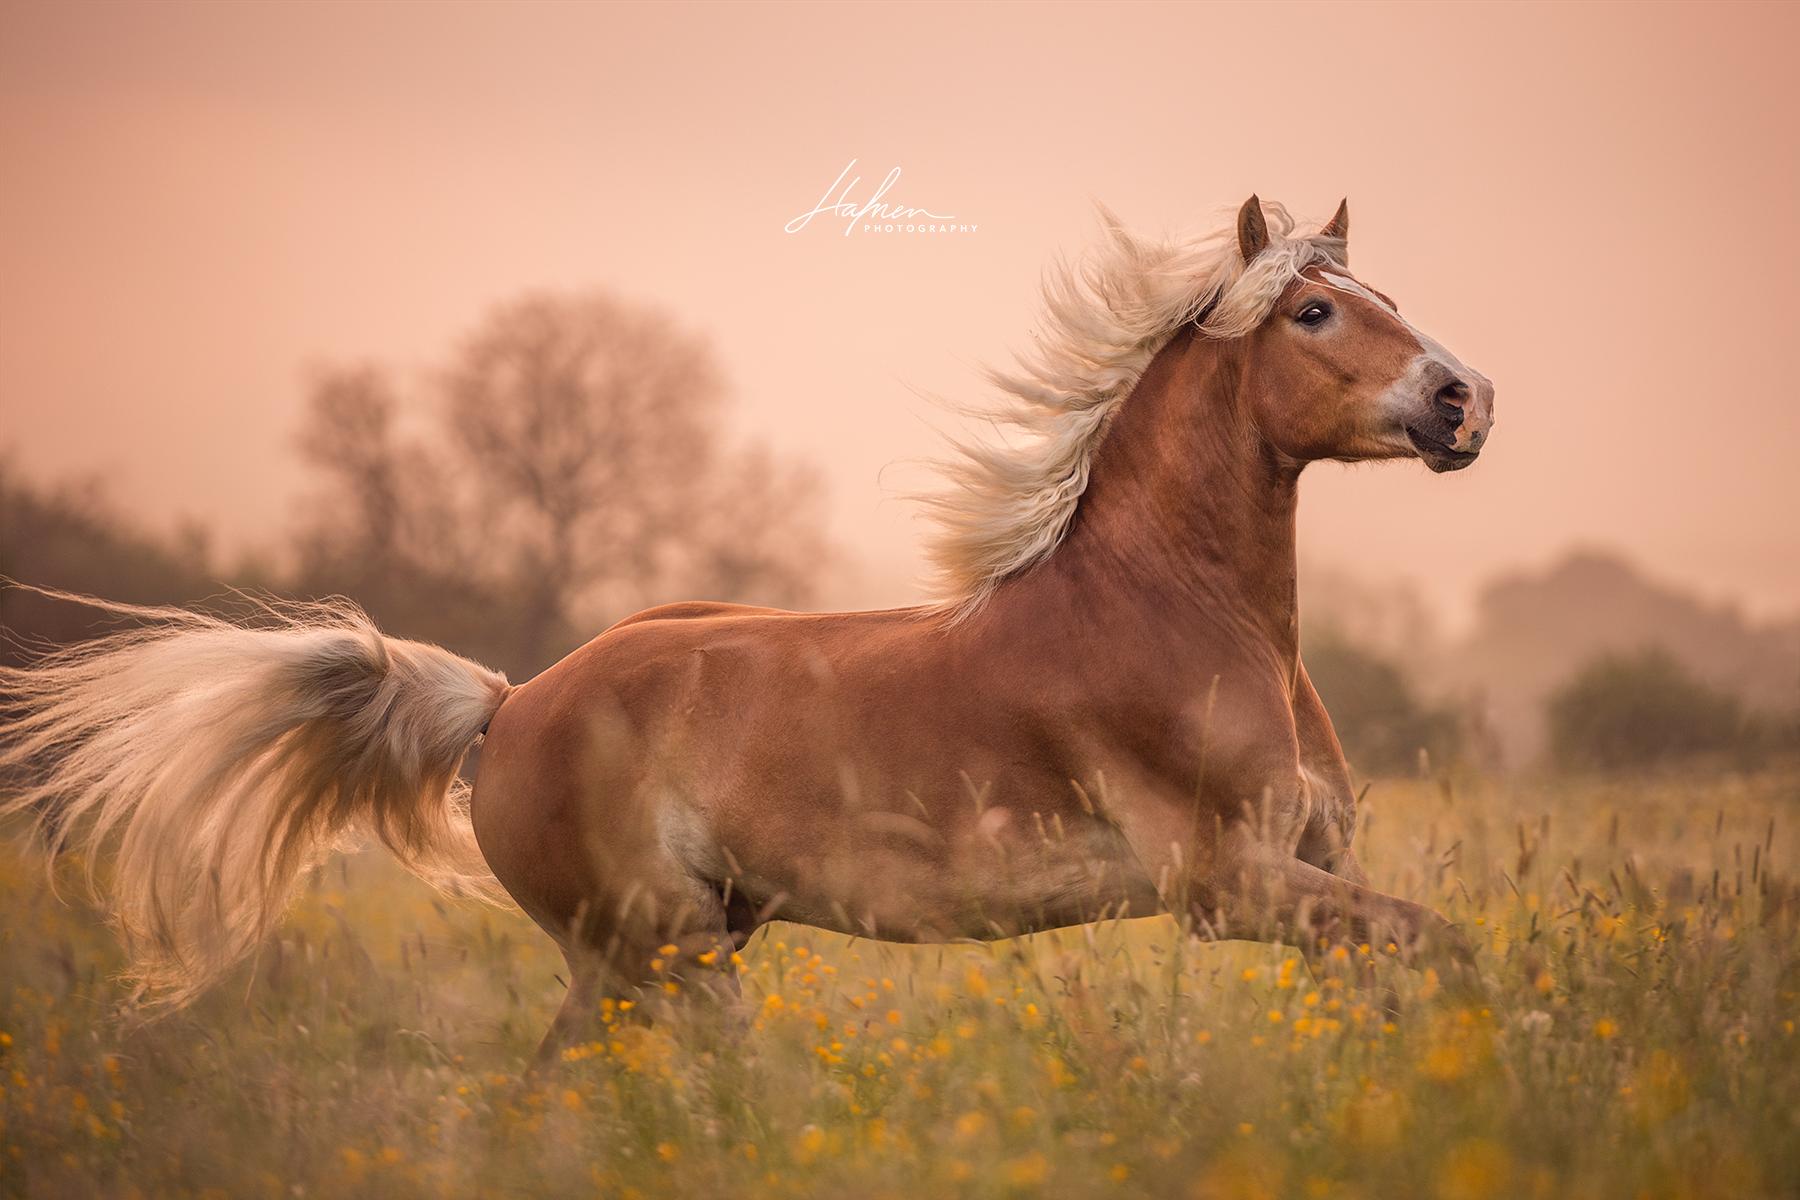 Haflinger Wallach Galoppiert Im Sonnenaufgang Uber Die Wiese Pferd Bilder Foto Fotografie Fotoshooting Pferde Bilder Pferde Fotografie Schone Pferde